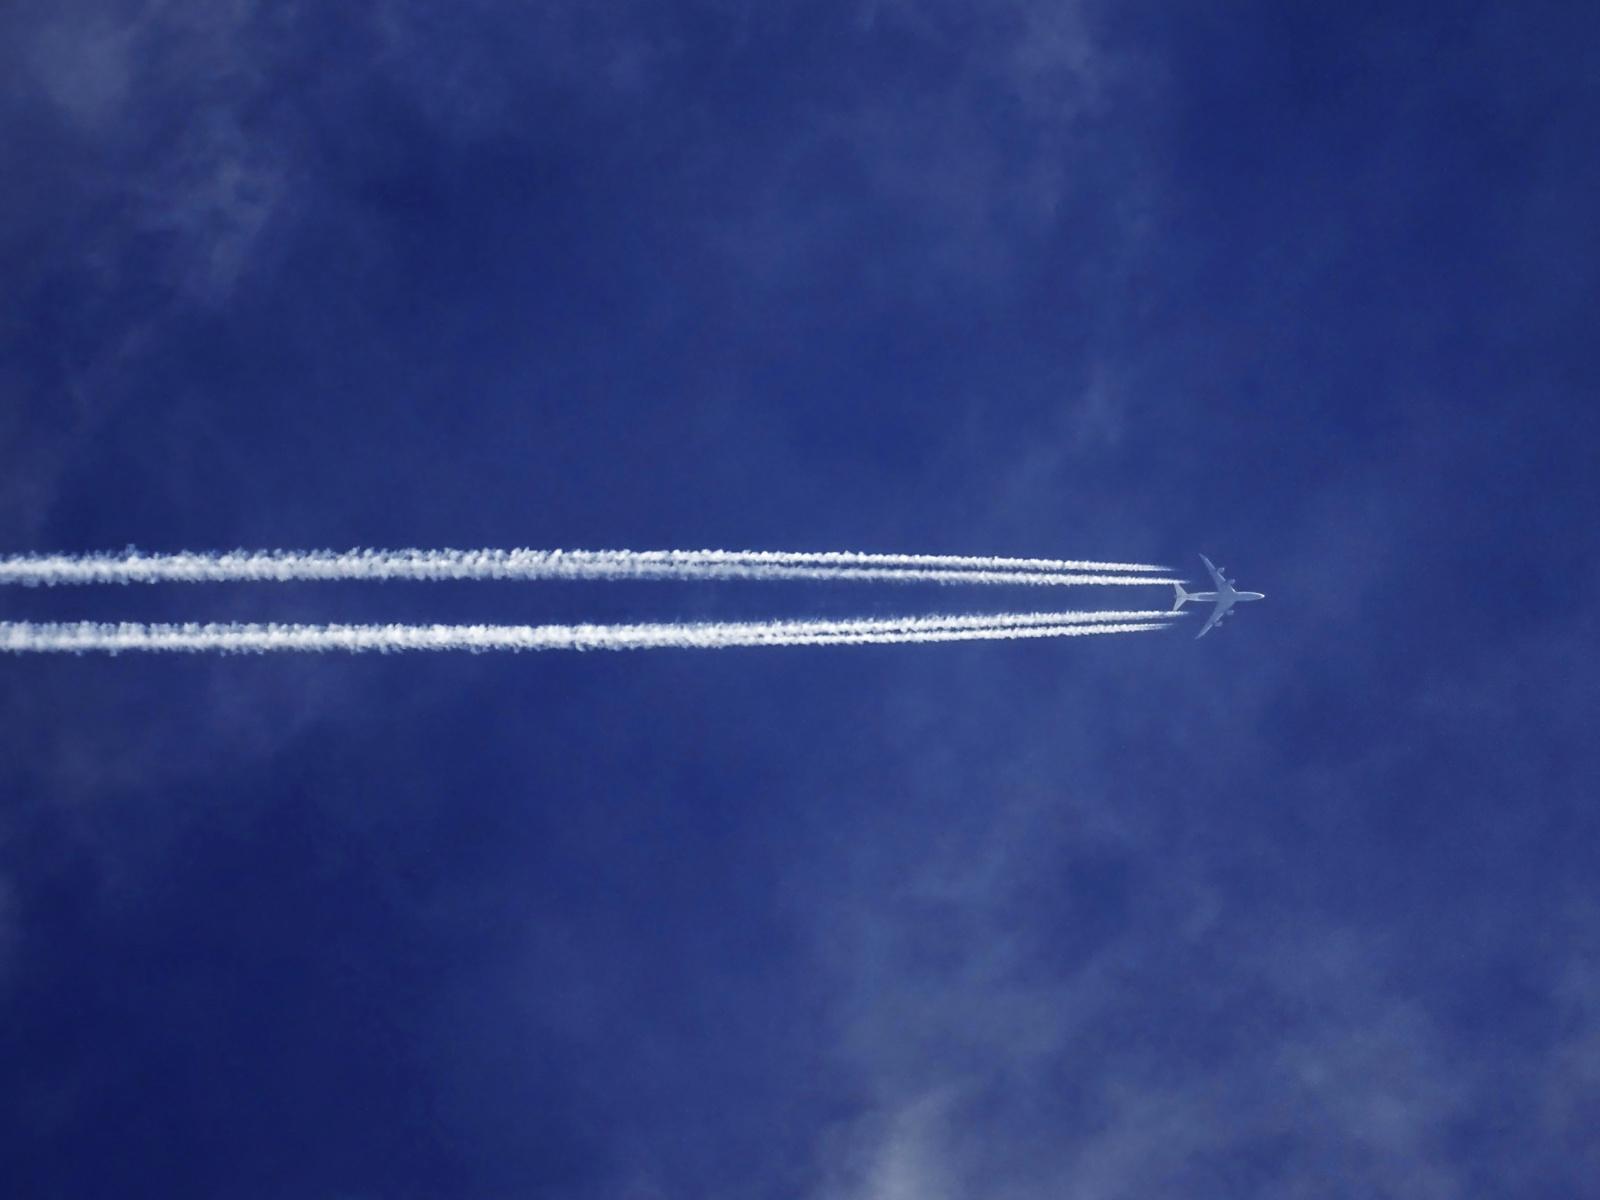 Susisiekimo ministerija: Lietuvoje lėktuvai išmetė mažiau teršalų nei pernai